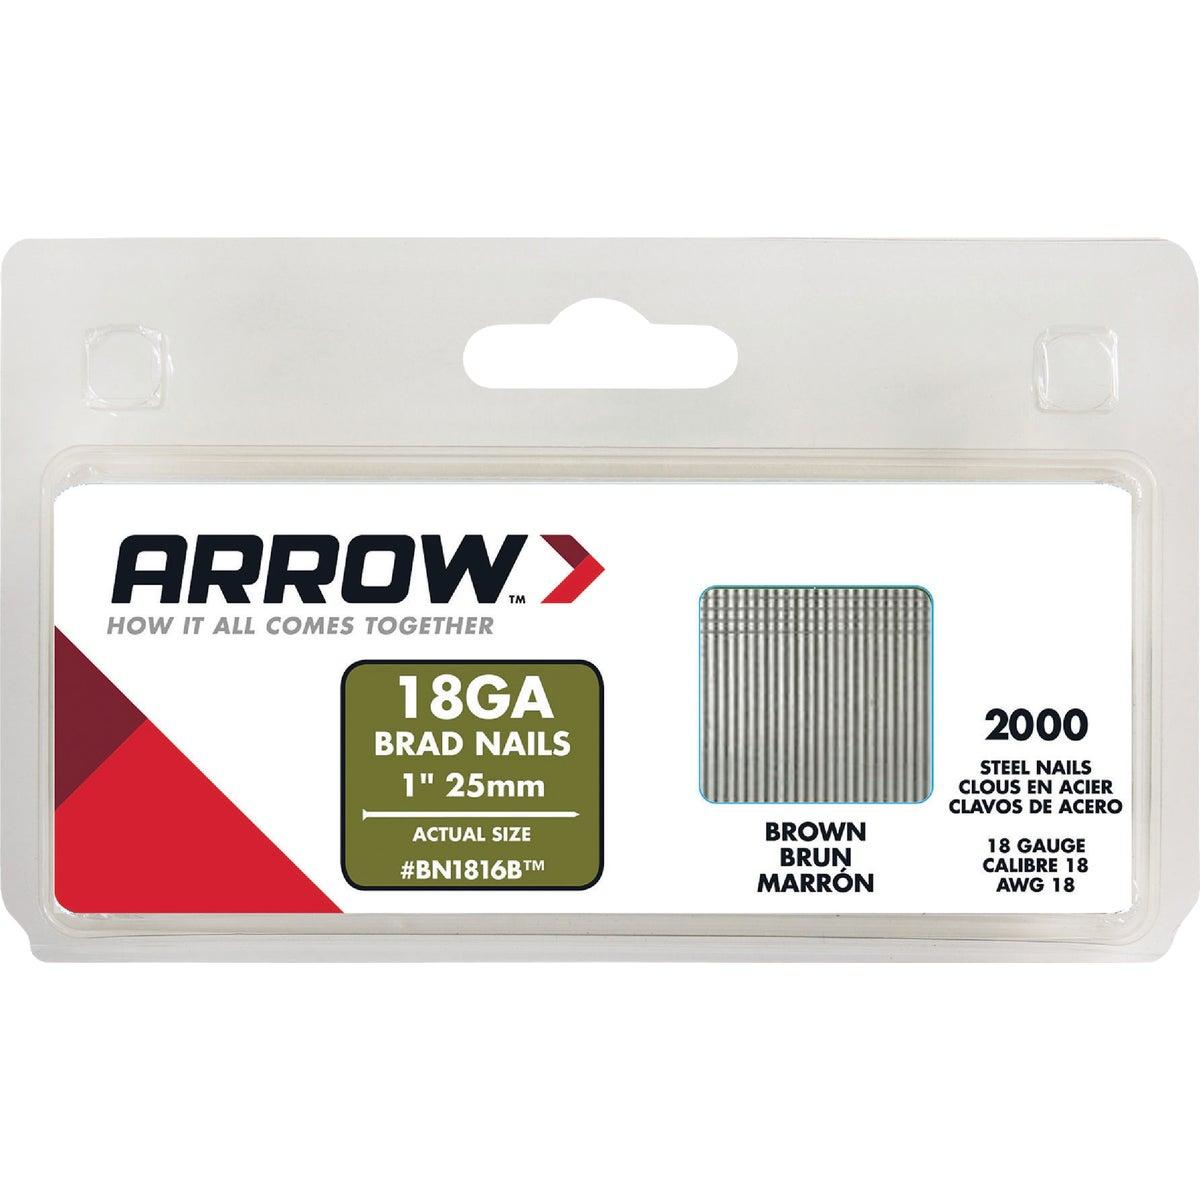 Arrow Brads